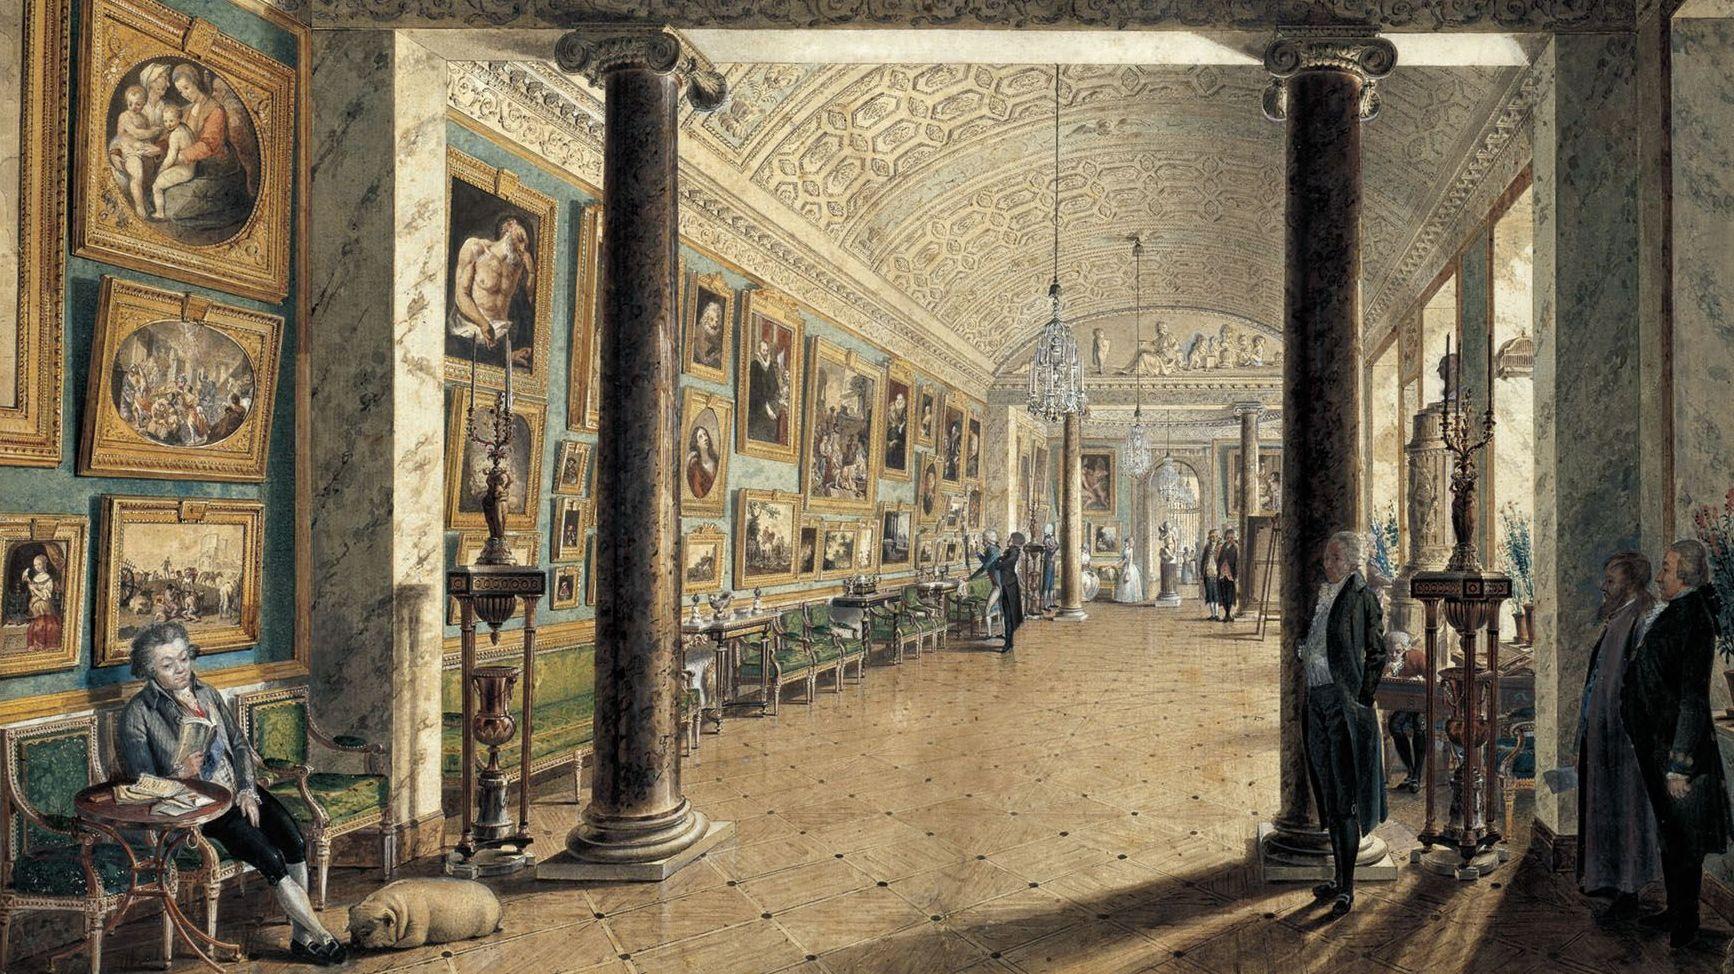 Воробьев Максим. Картинная галерея графа А.С. Строганова. 1794